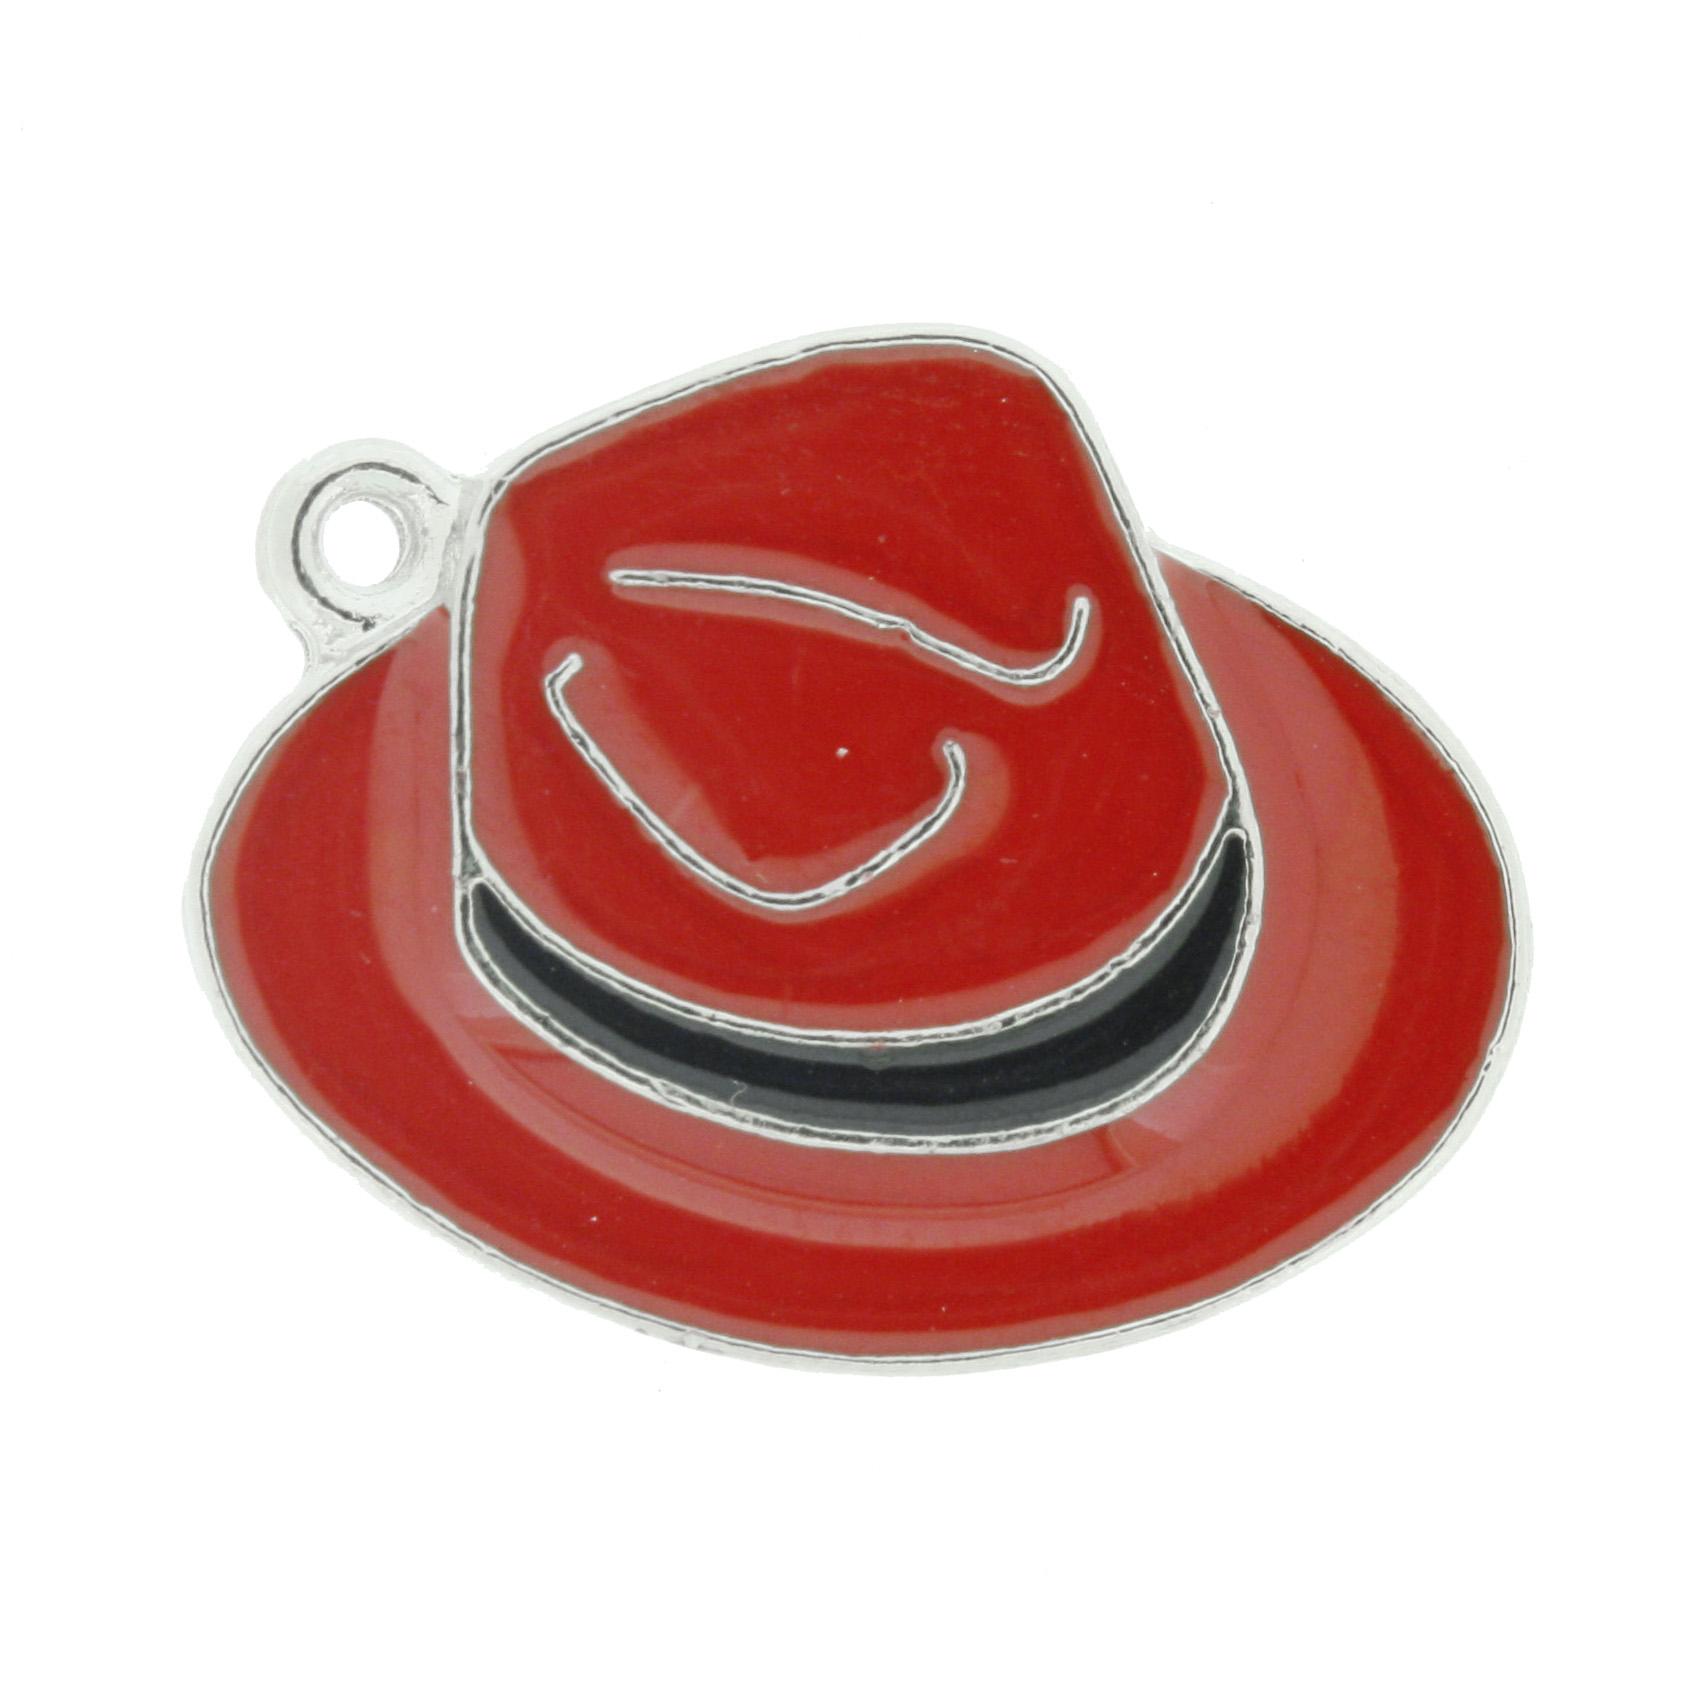 Chapéu Resinado Níquel - Vermelho e Preto - 22mm  - Universo Religioso® - Artigos de Umbanda e Candomblé